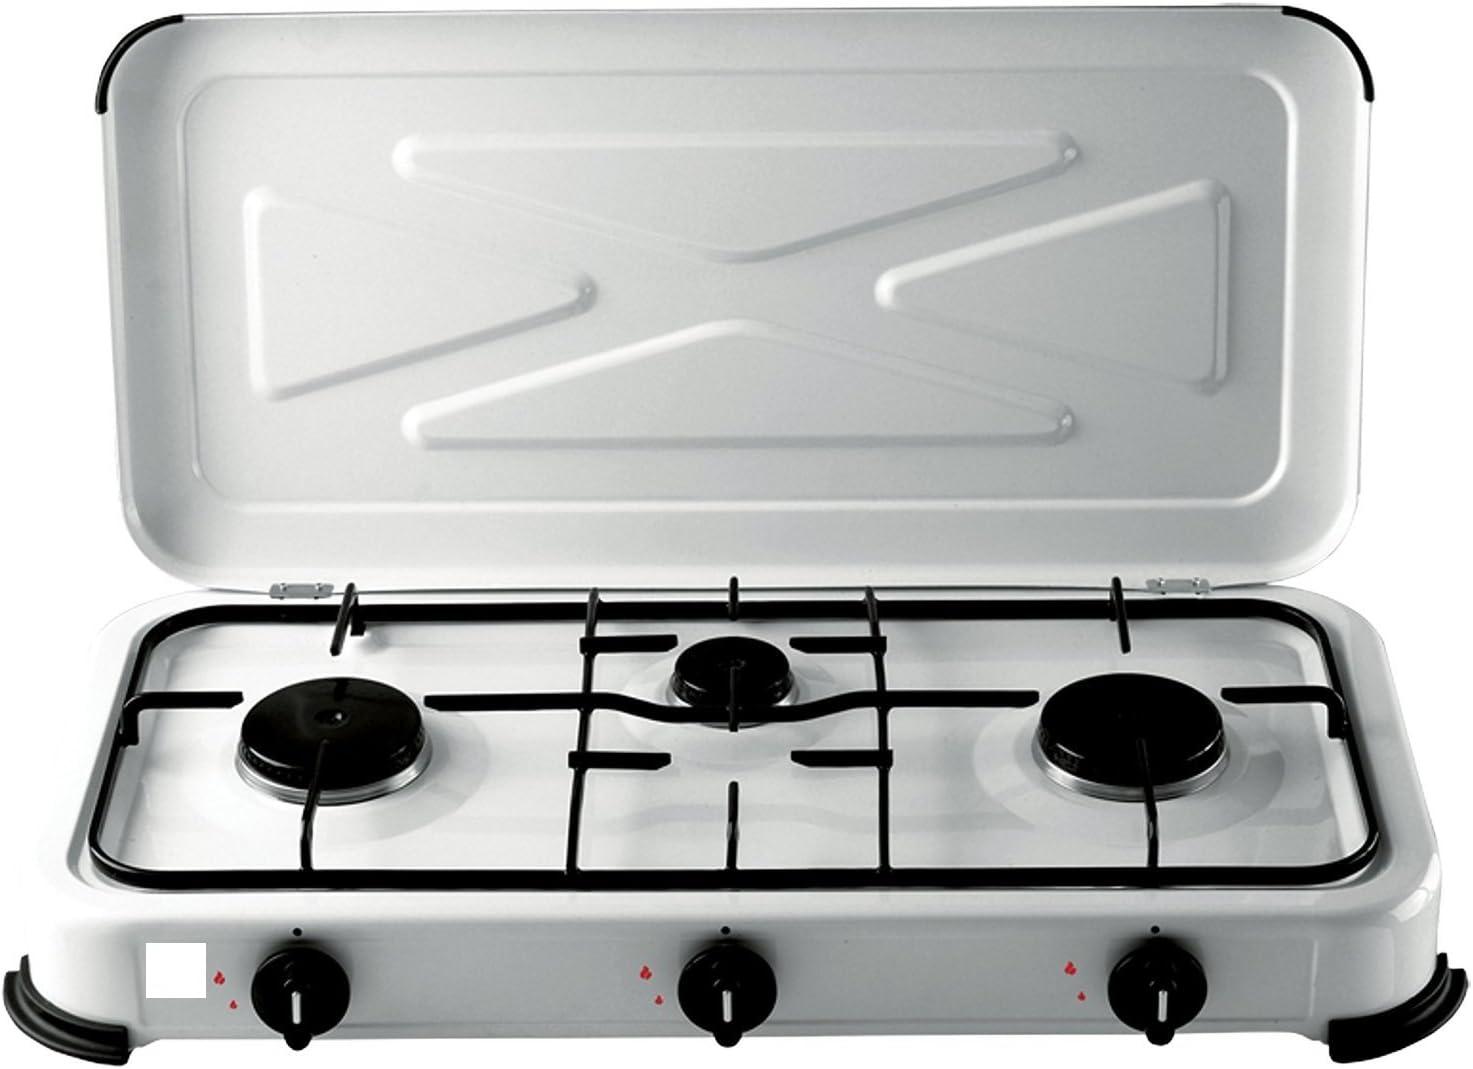 Cocina de gas 3 quemadores X cocina, campismo ECC.